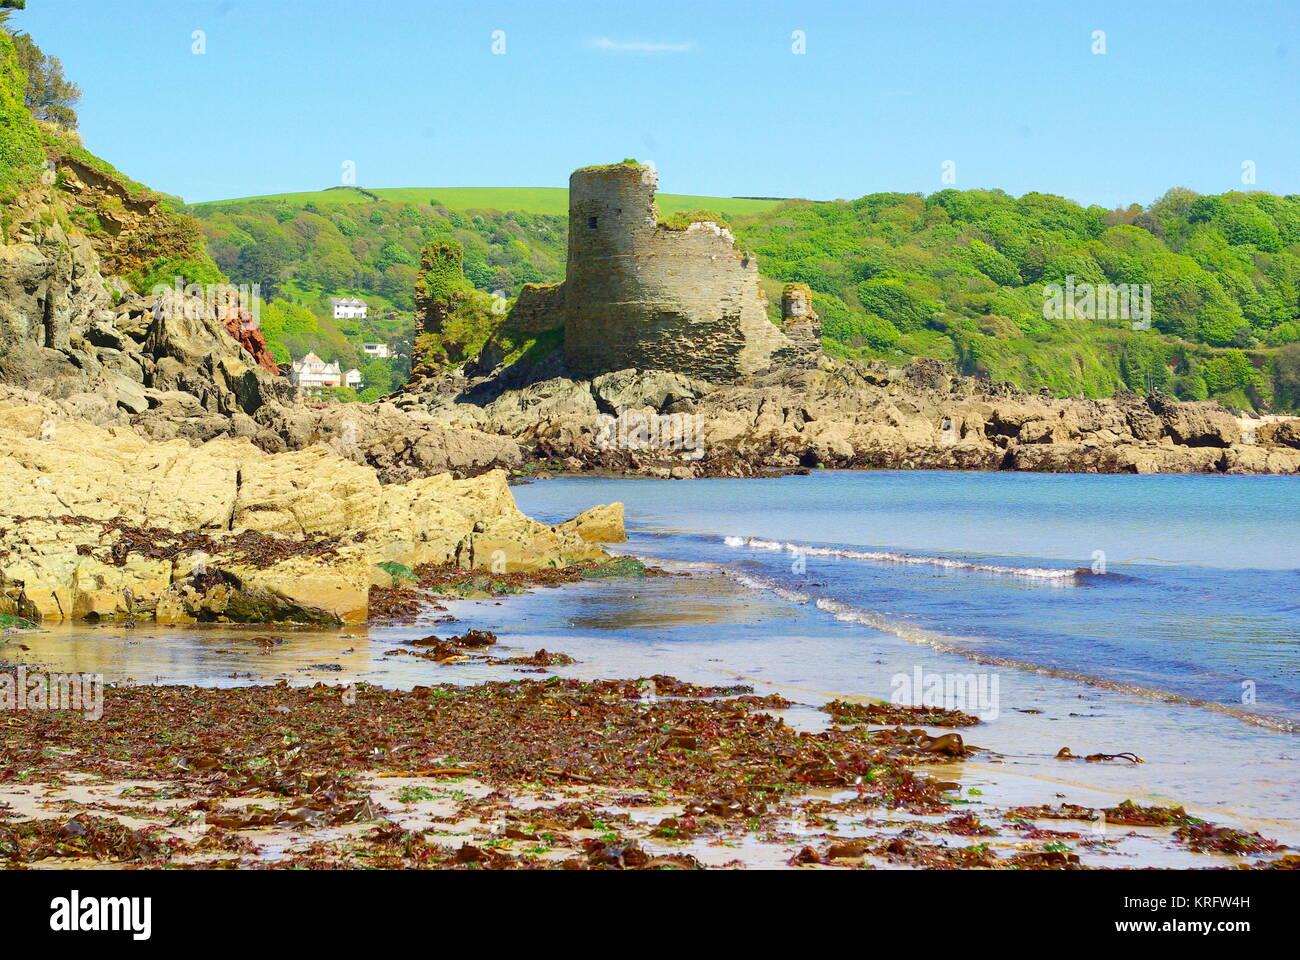 Salcombe Castello o Fort Charles, vicino a North Sands, Salcombe, Devon. Data: 2014 Immagini Stock